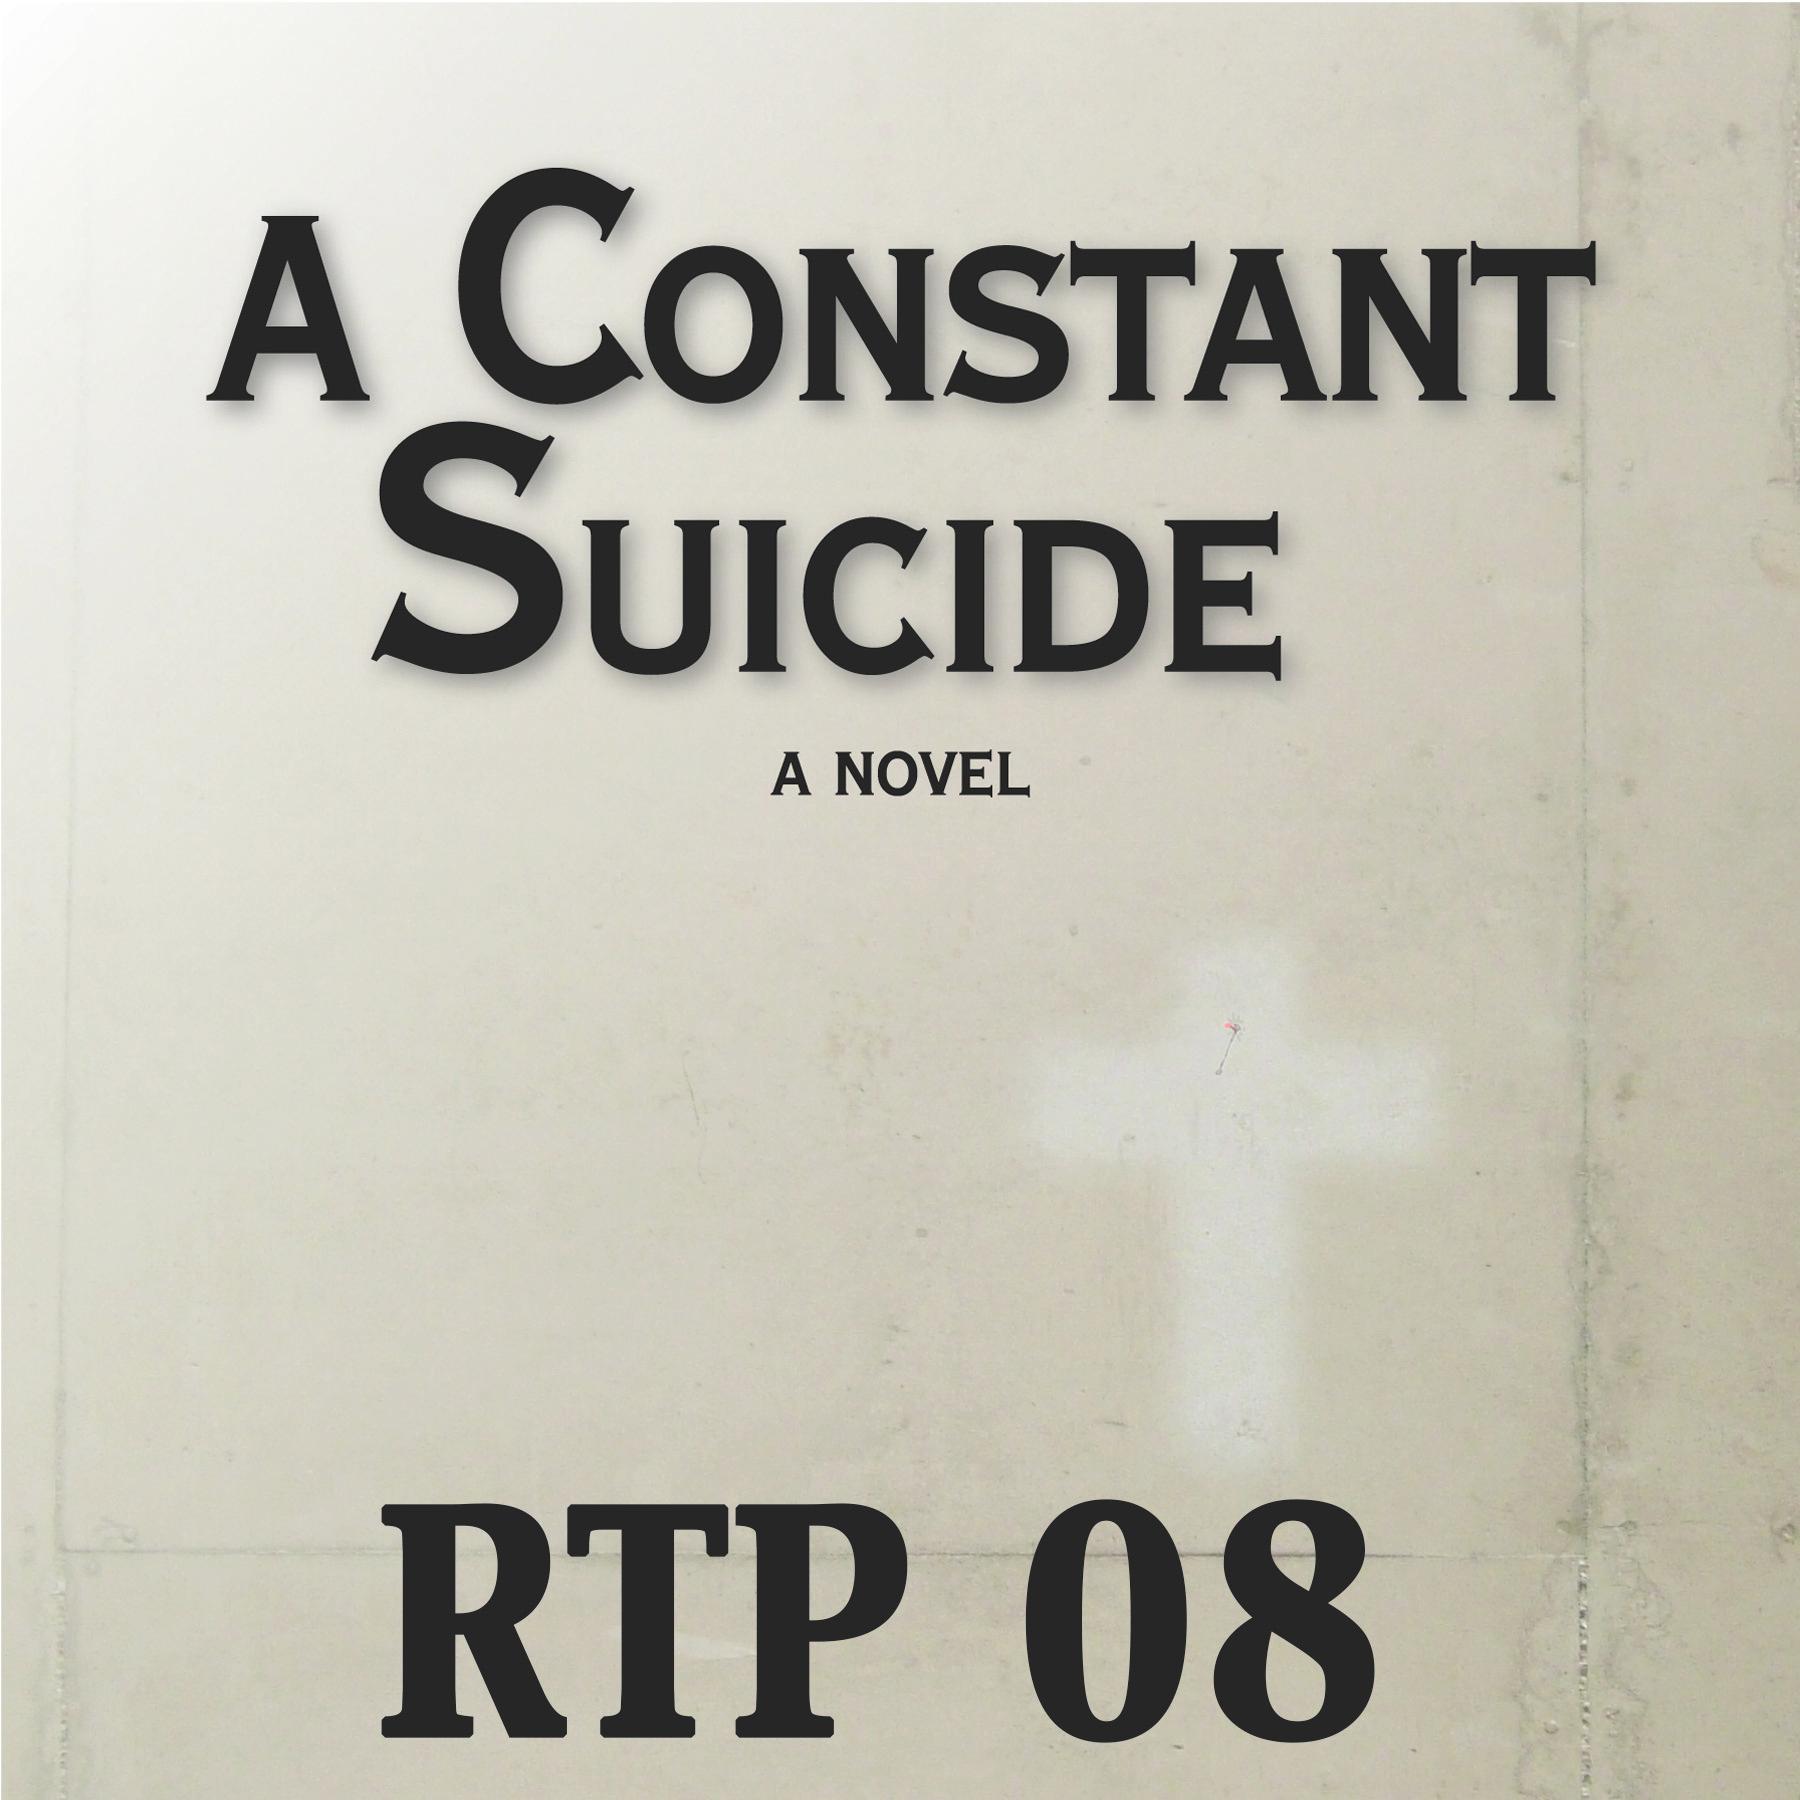 RTP 08: A Constant Suicide